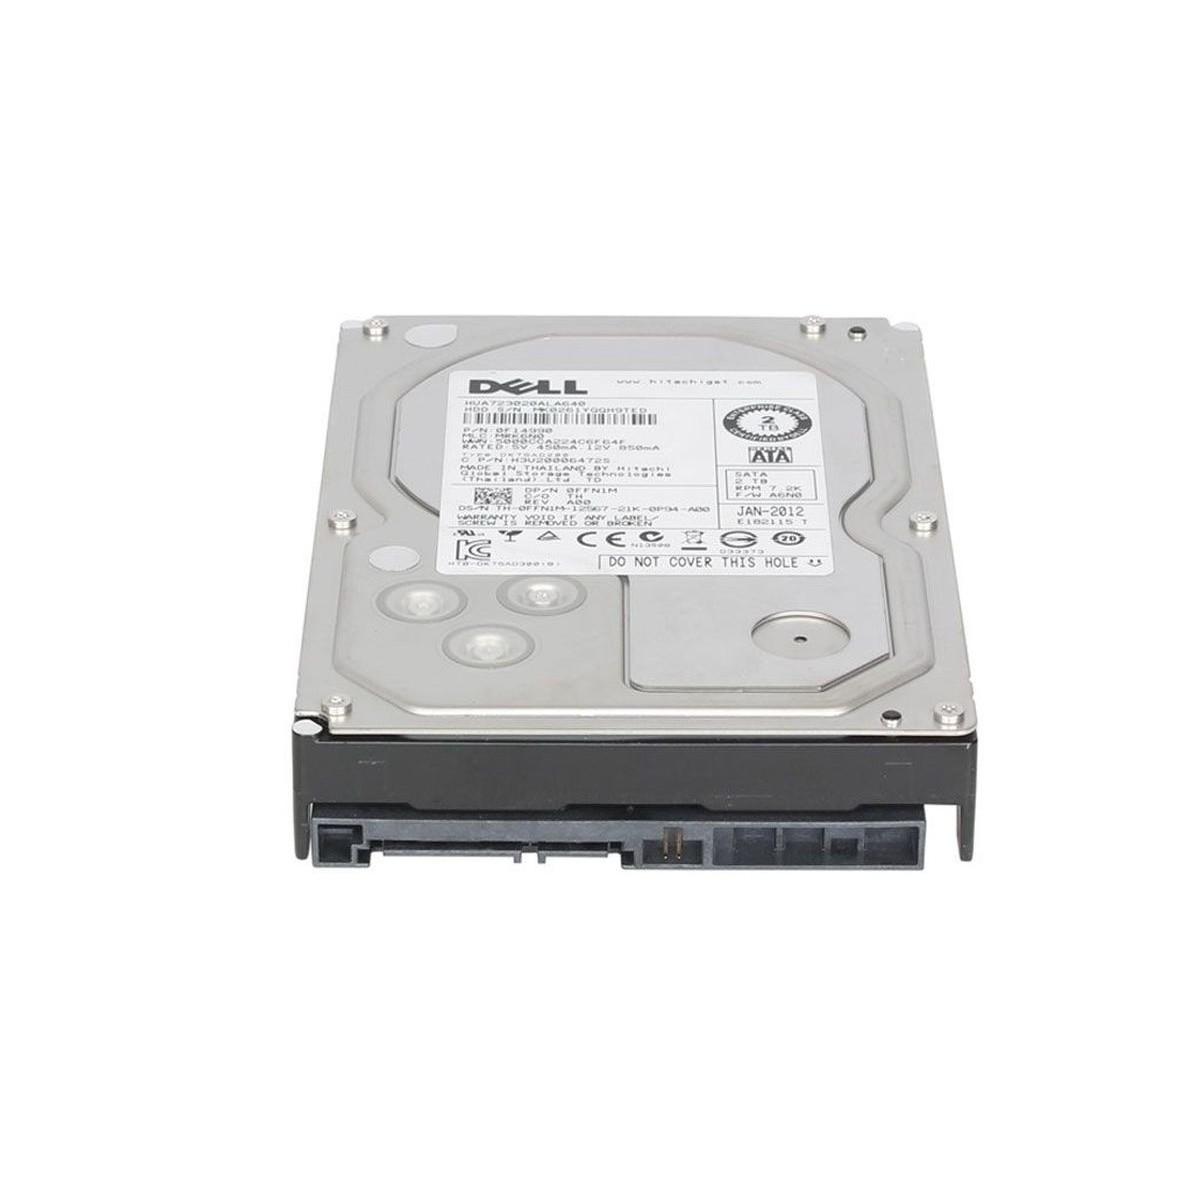 FUJITSU 146GB SAS 3.5 RAMKA A3C40096035